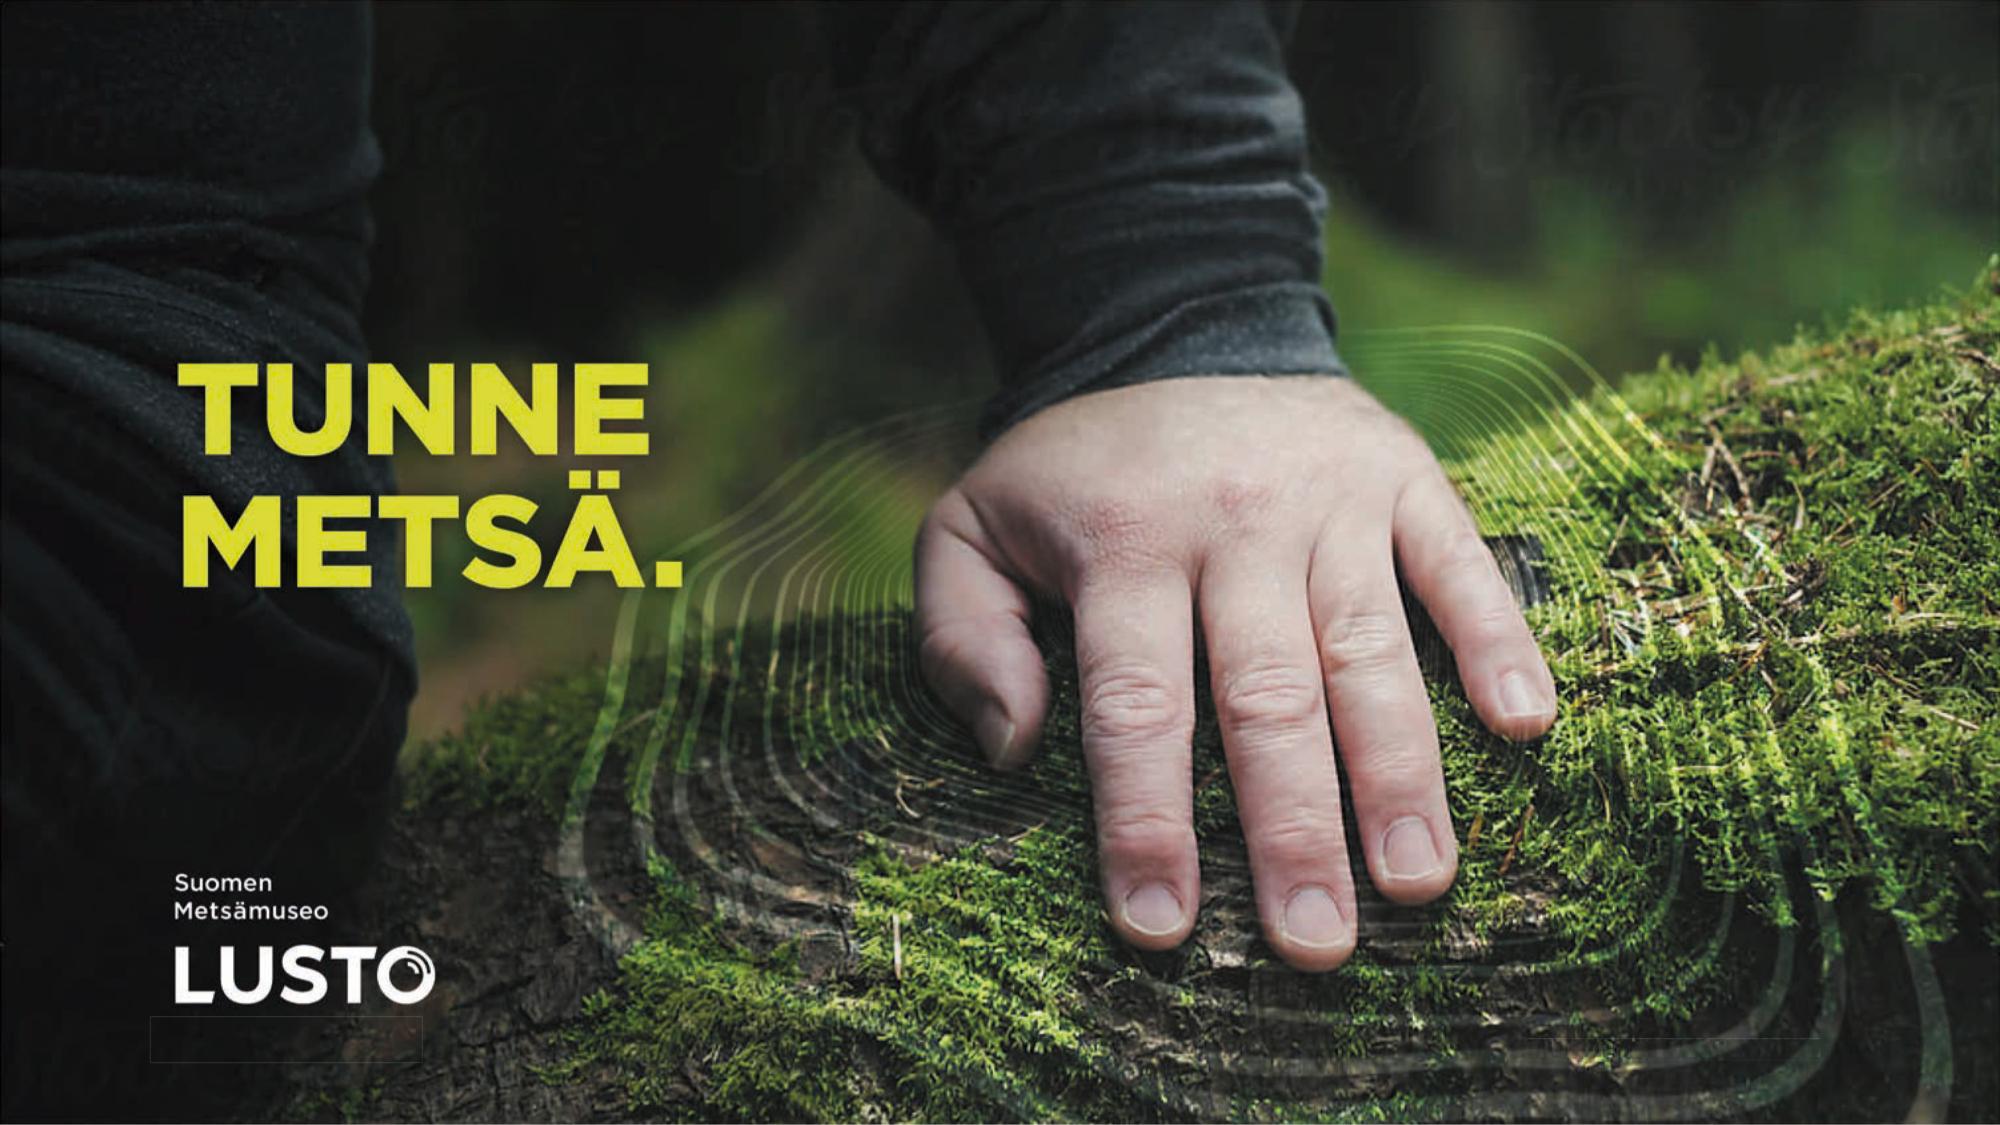 """Miehen käsi lepää kaatuneella, sammaleisella puunrungolla, kädestä laajenee lustokuvio. Kuvassa mukana Luston logo ja slogan """"Tunne metsä""""."""